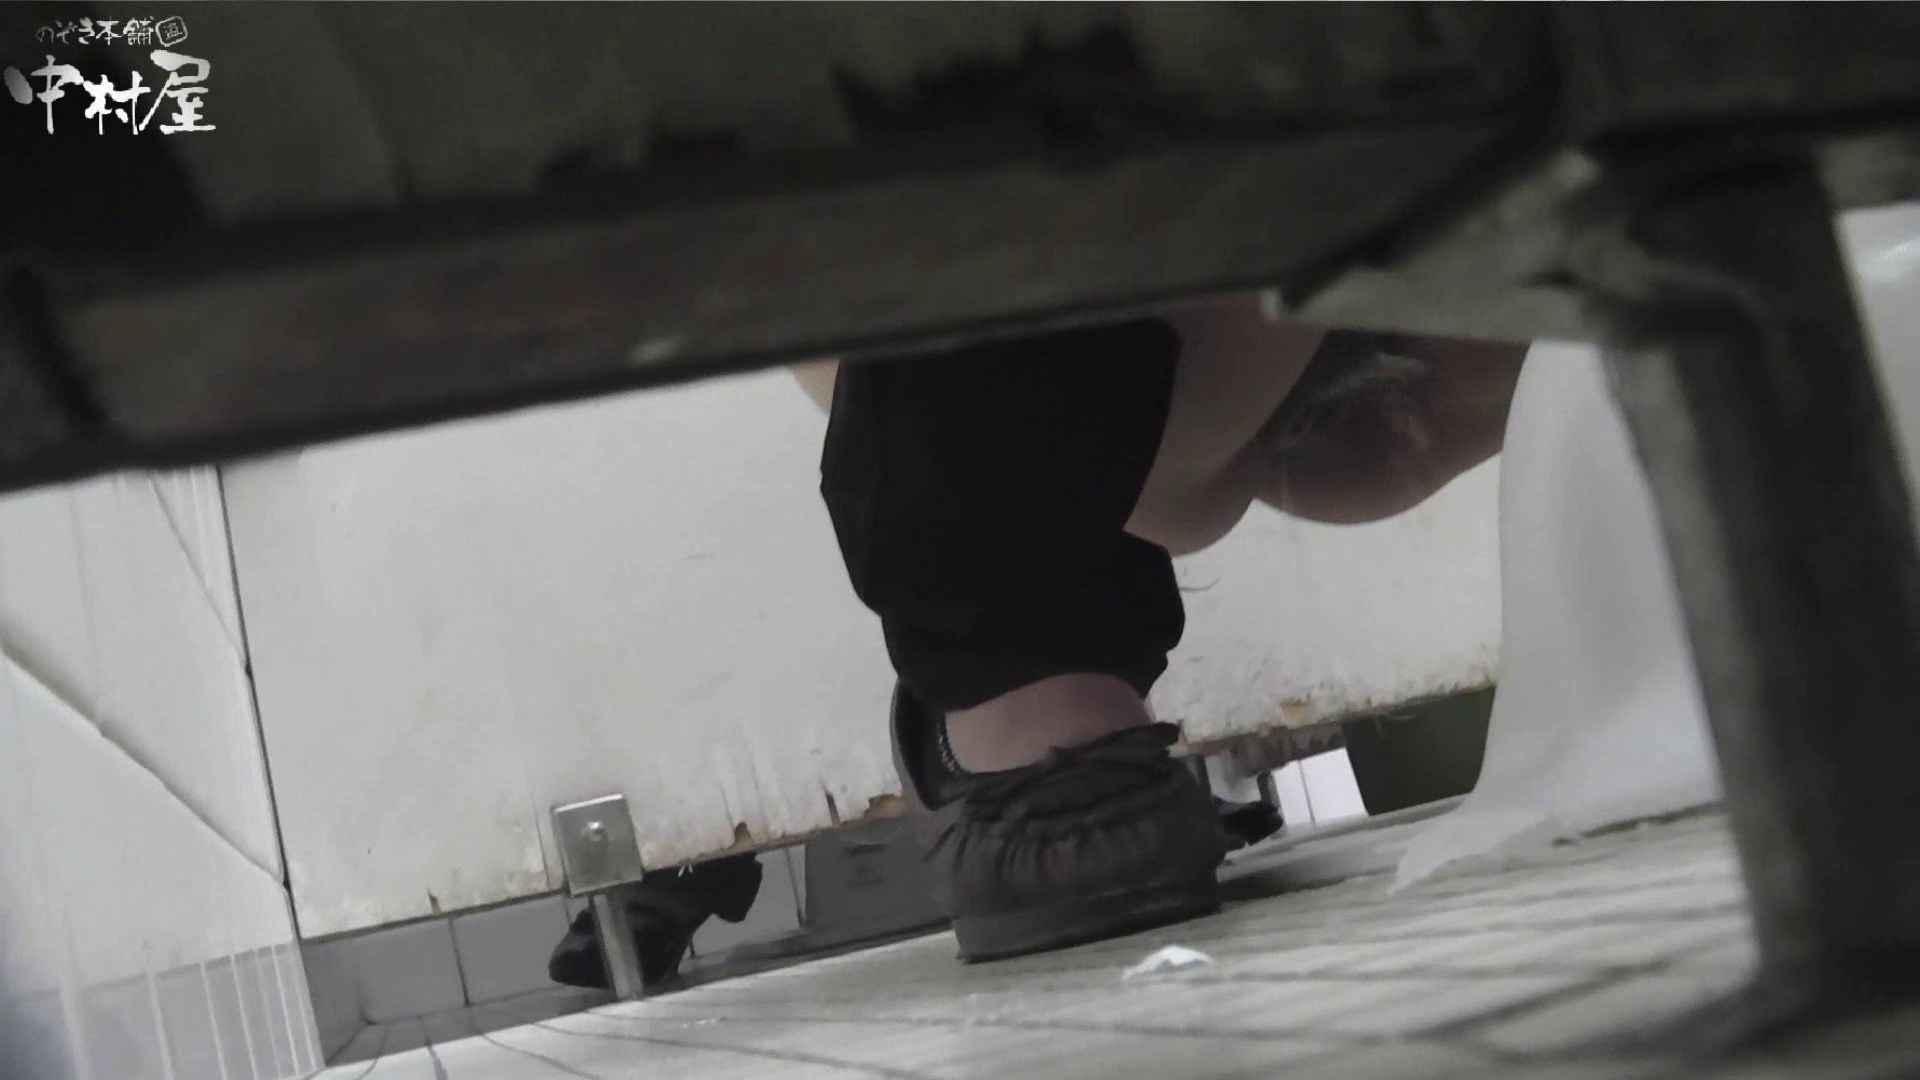 vol.52 命がけ潜伏洗面所! ピアノが上手そうなおねぃさんは剛毛な件 プライベート のぞき濡れ場動画紹介 112PICs 47